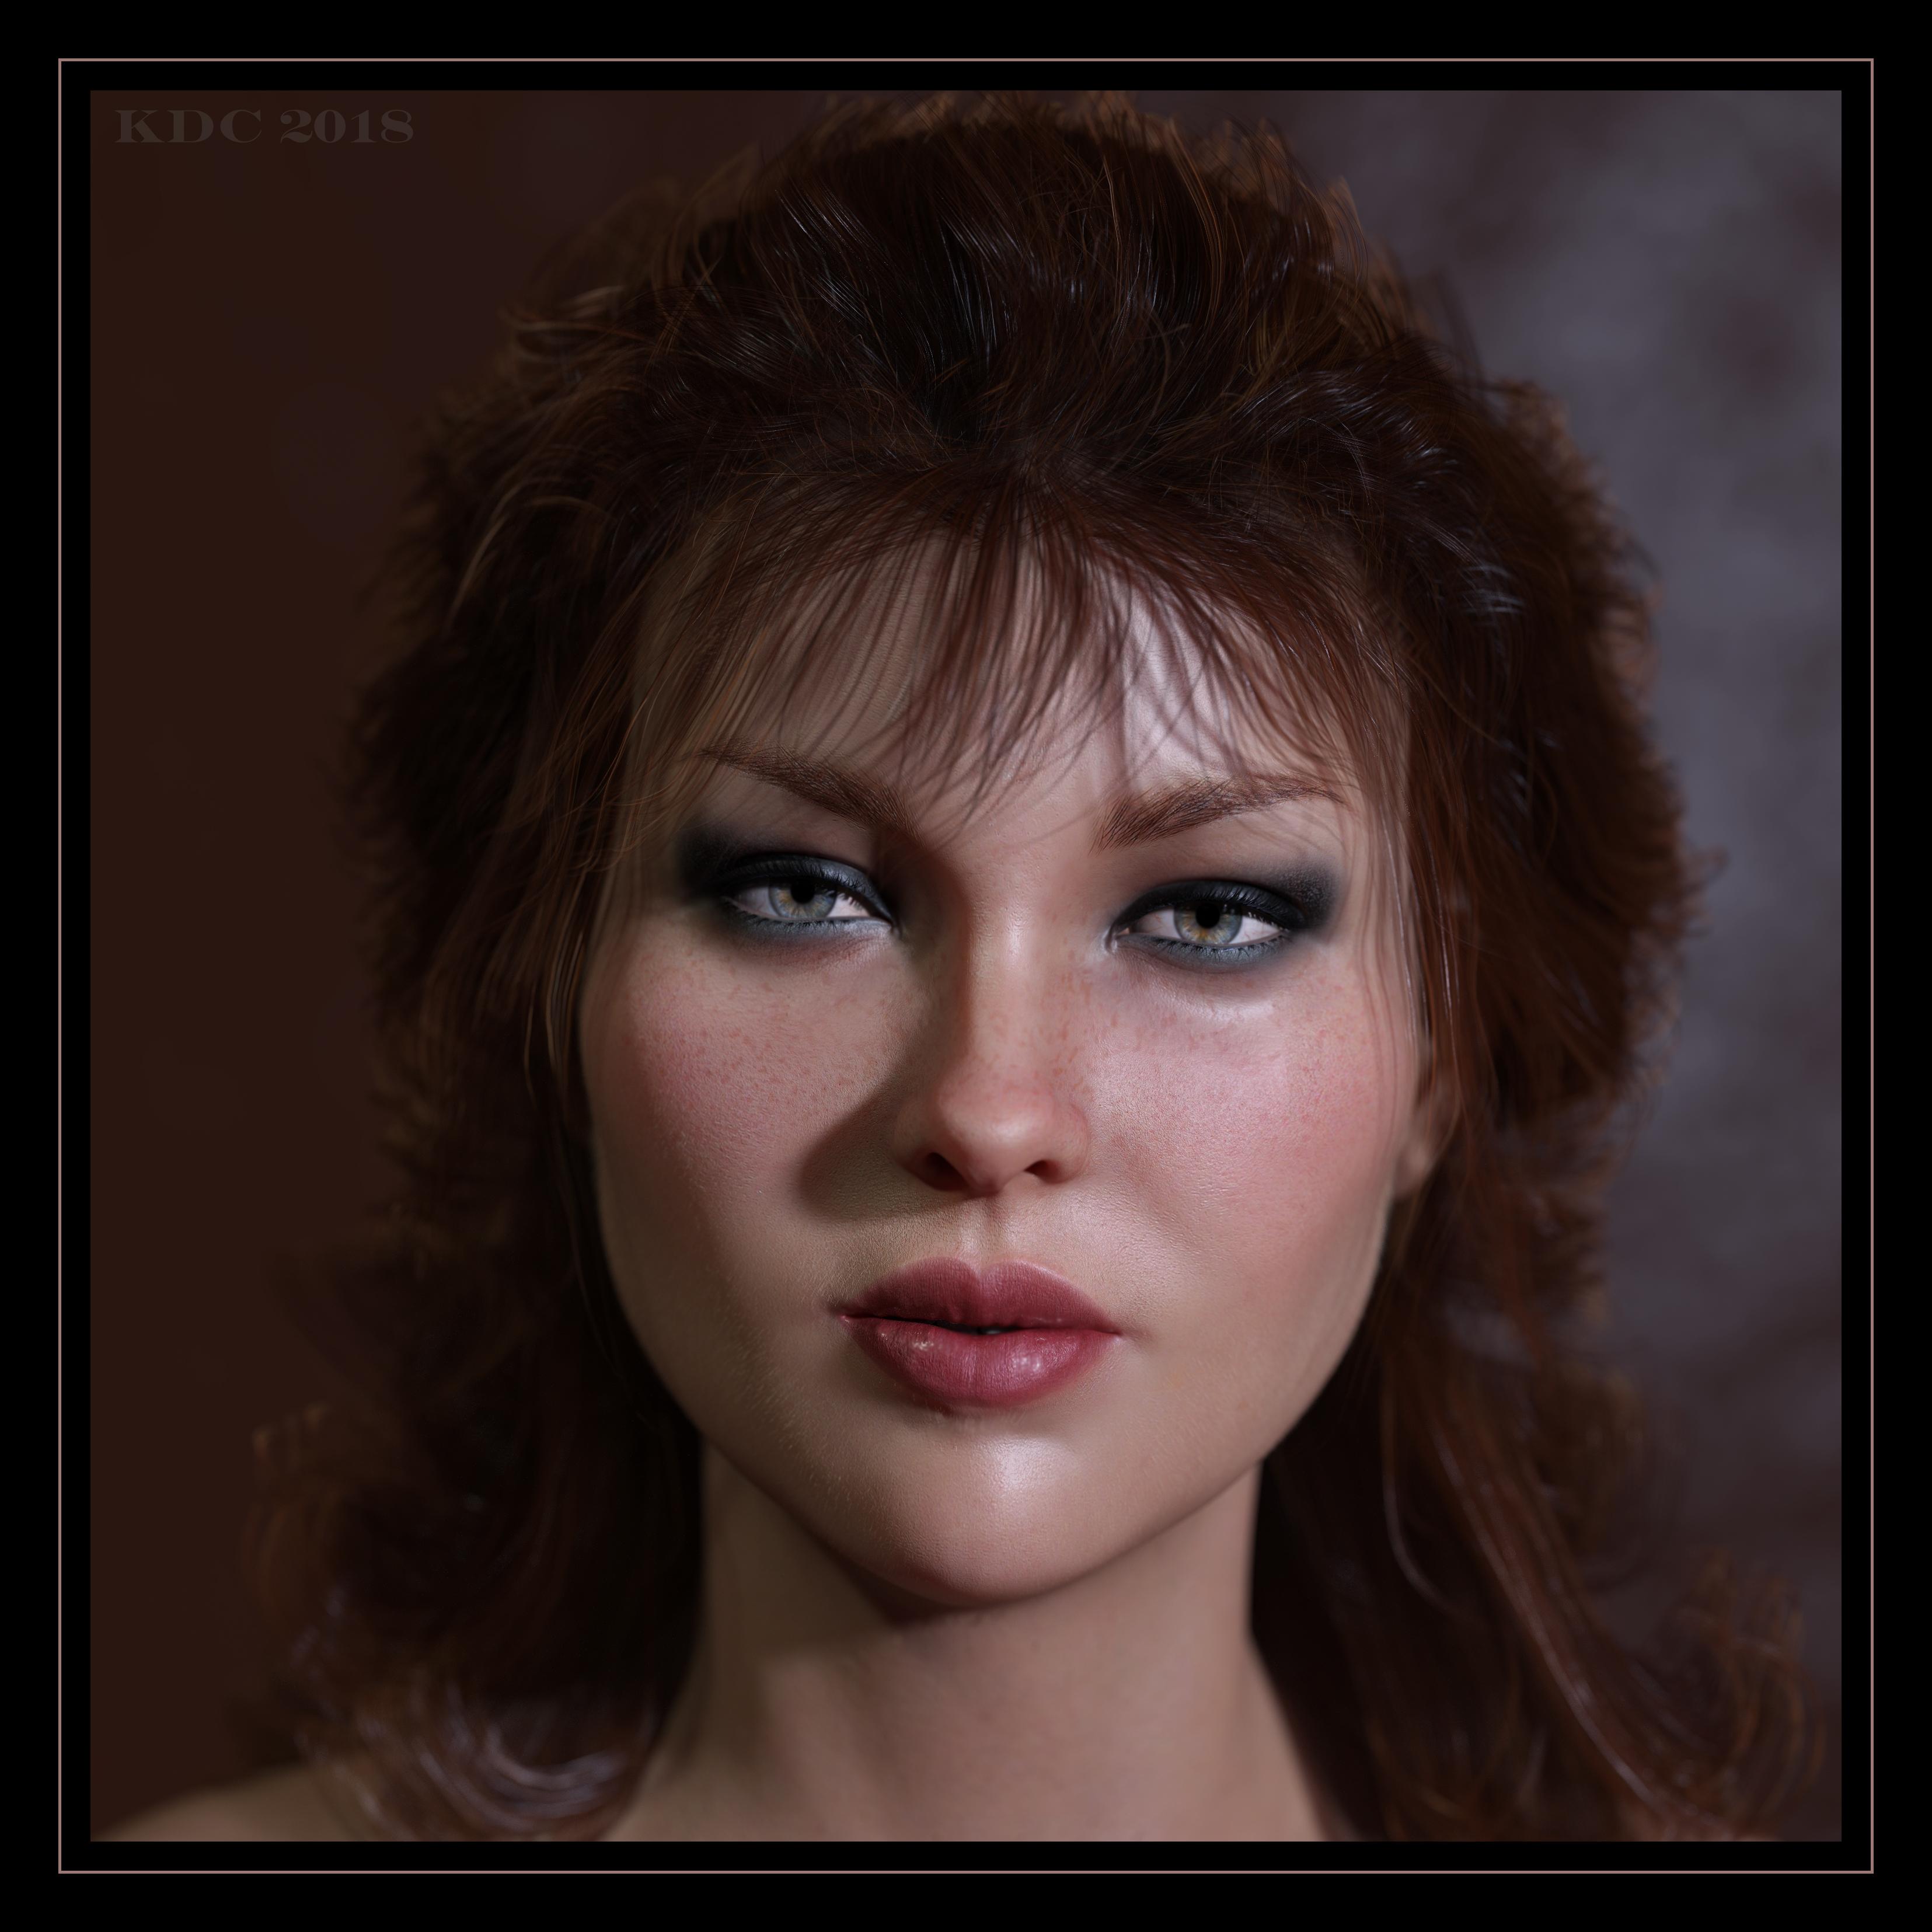 Lady Redhead Again by lizard59